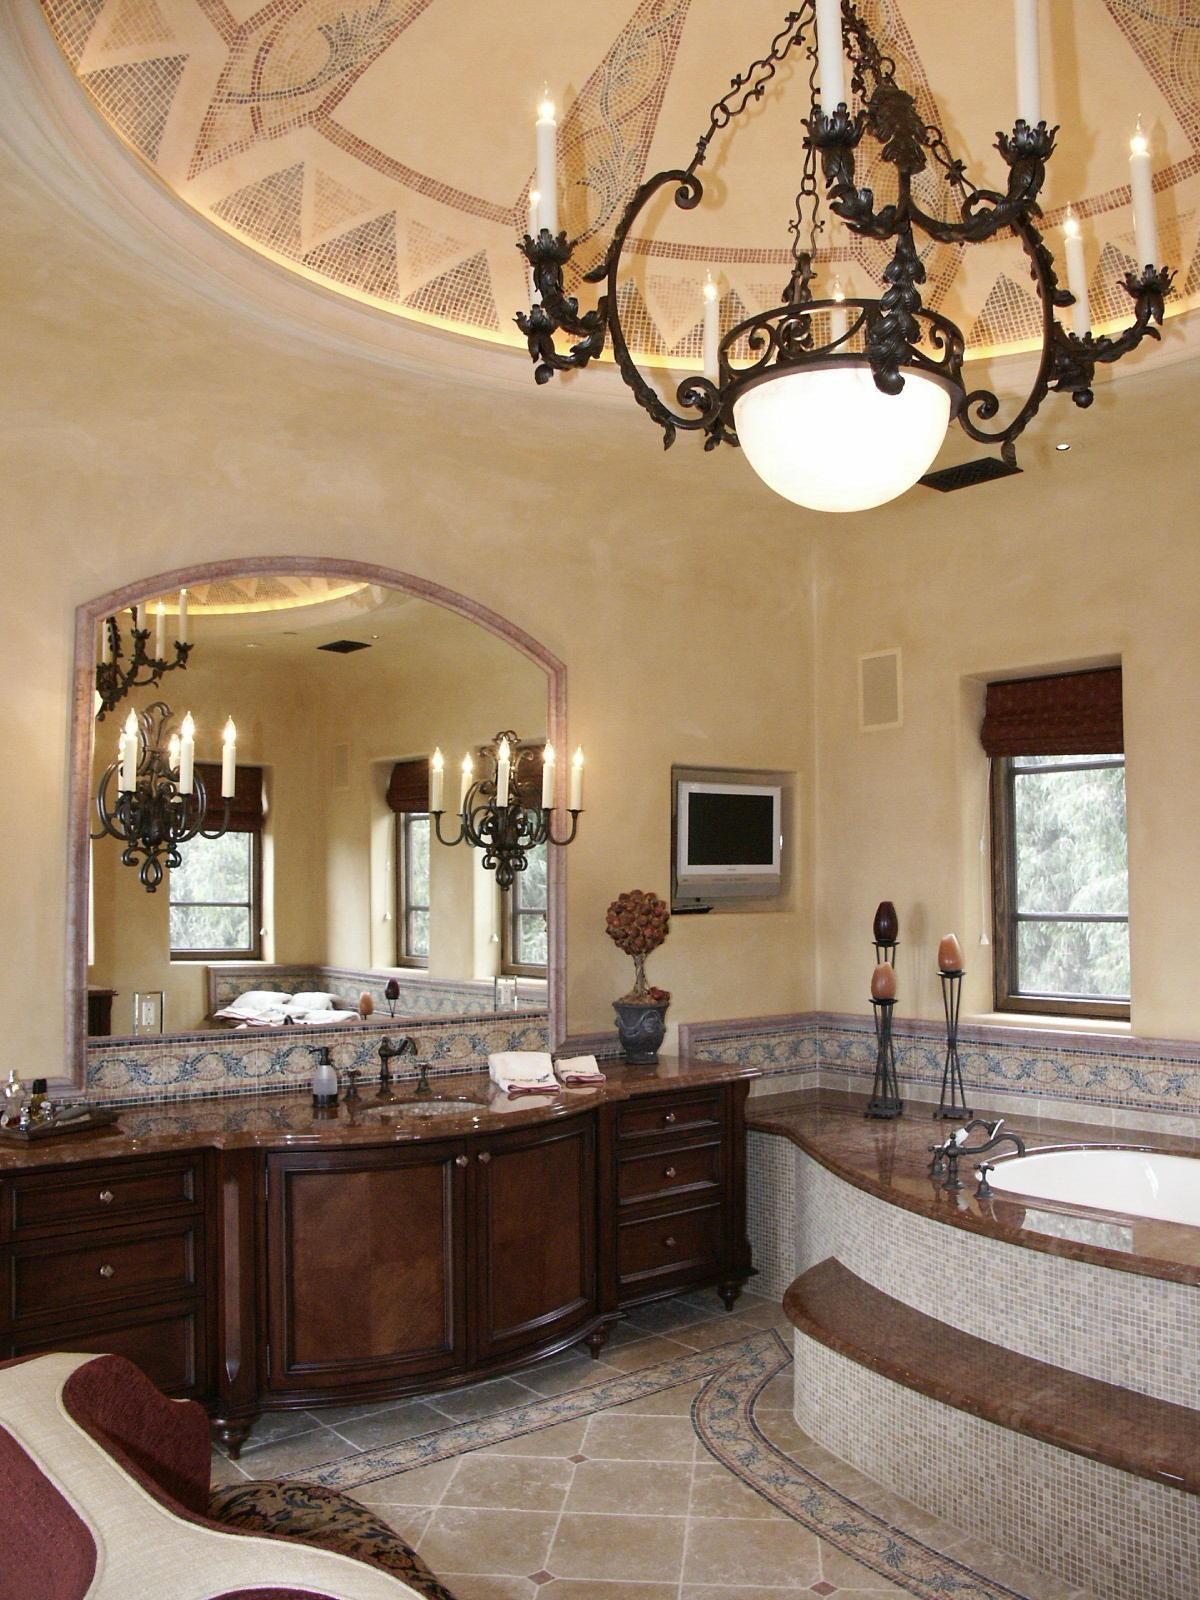 Debra Kay George Interiors Santa Barbara Tuscan Villa i would